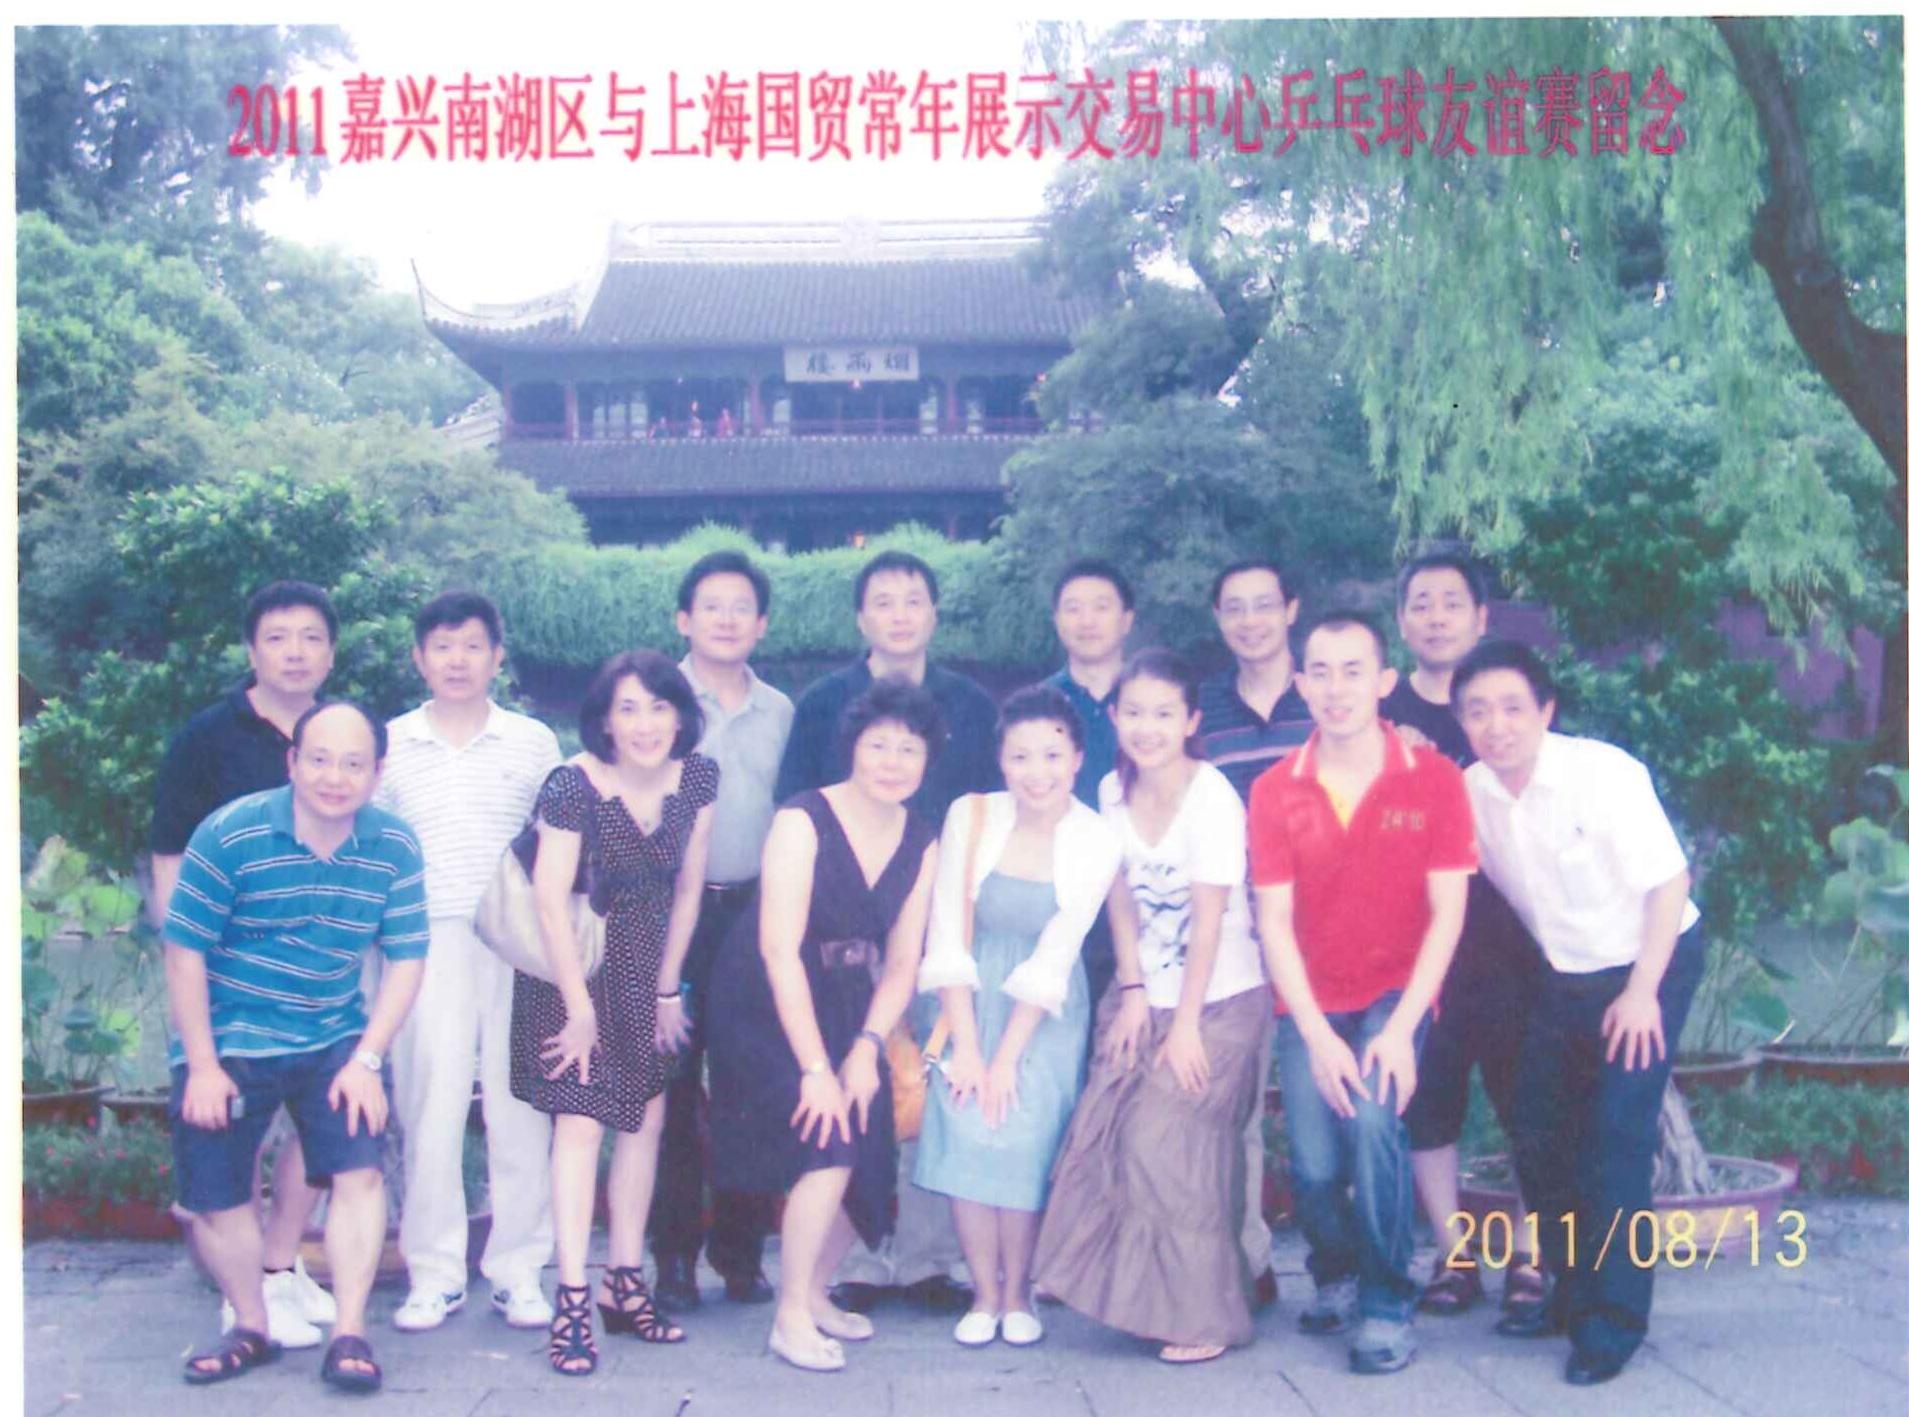 采购部毛吉兴、商务部蒋成华、上海市商委副主任王新培、上海外经贸